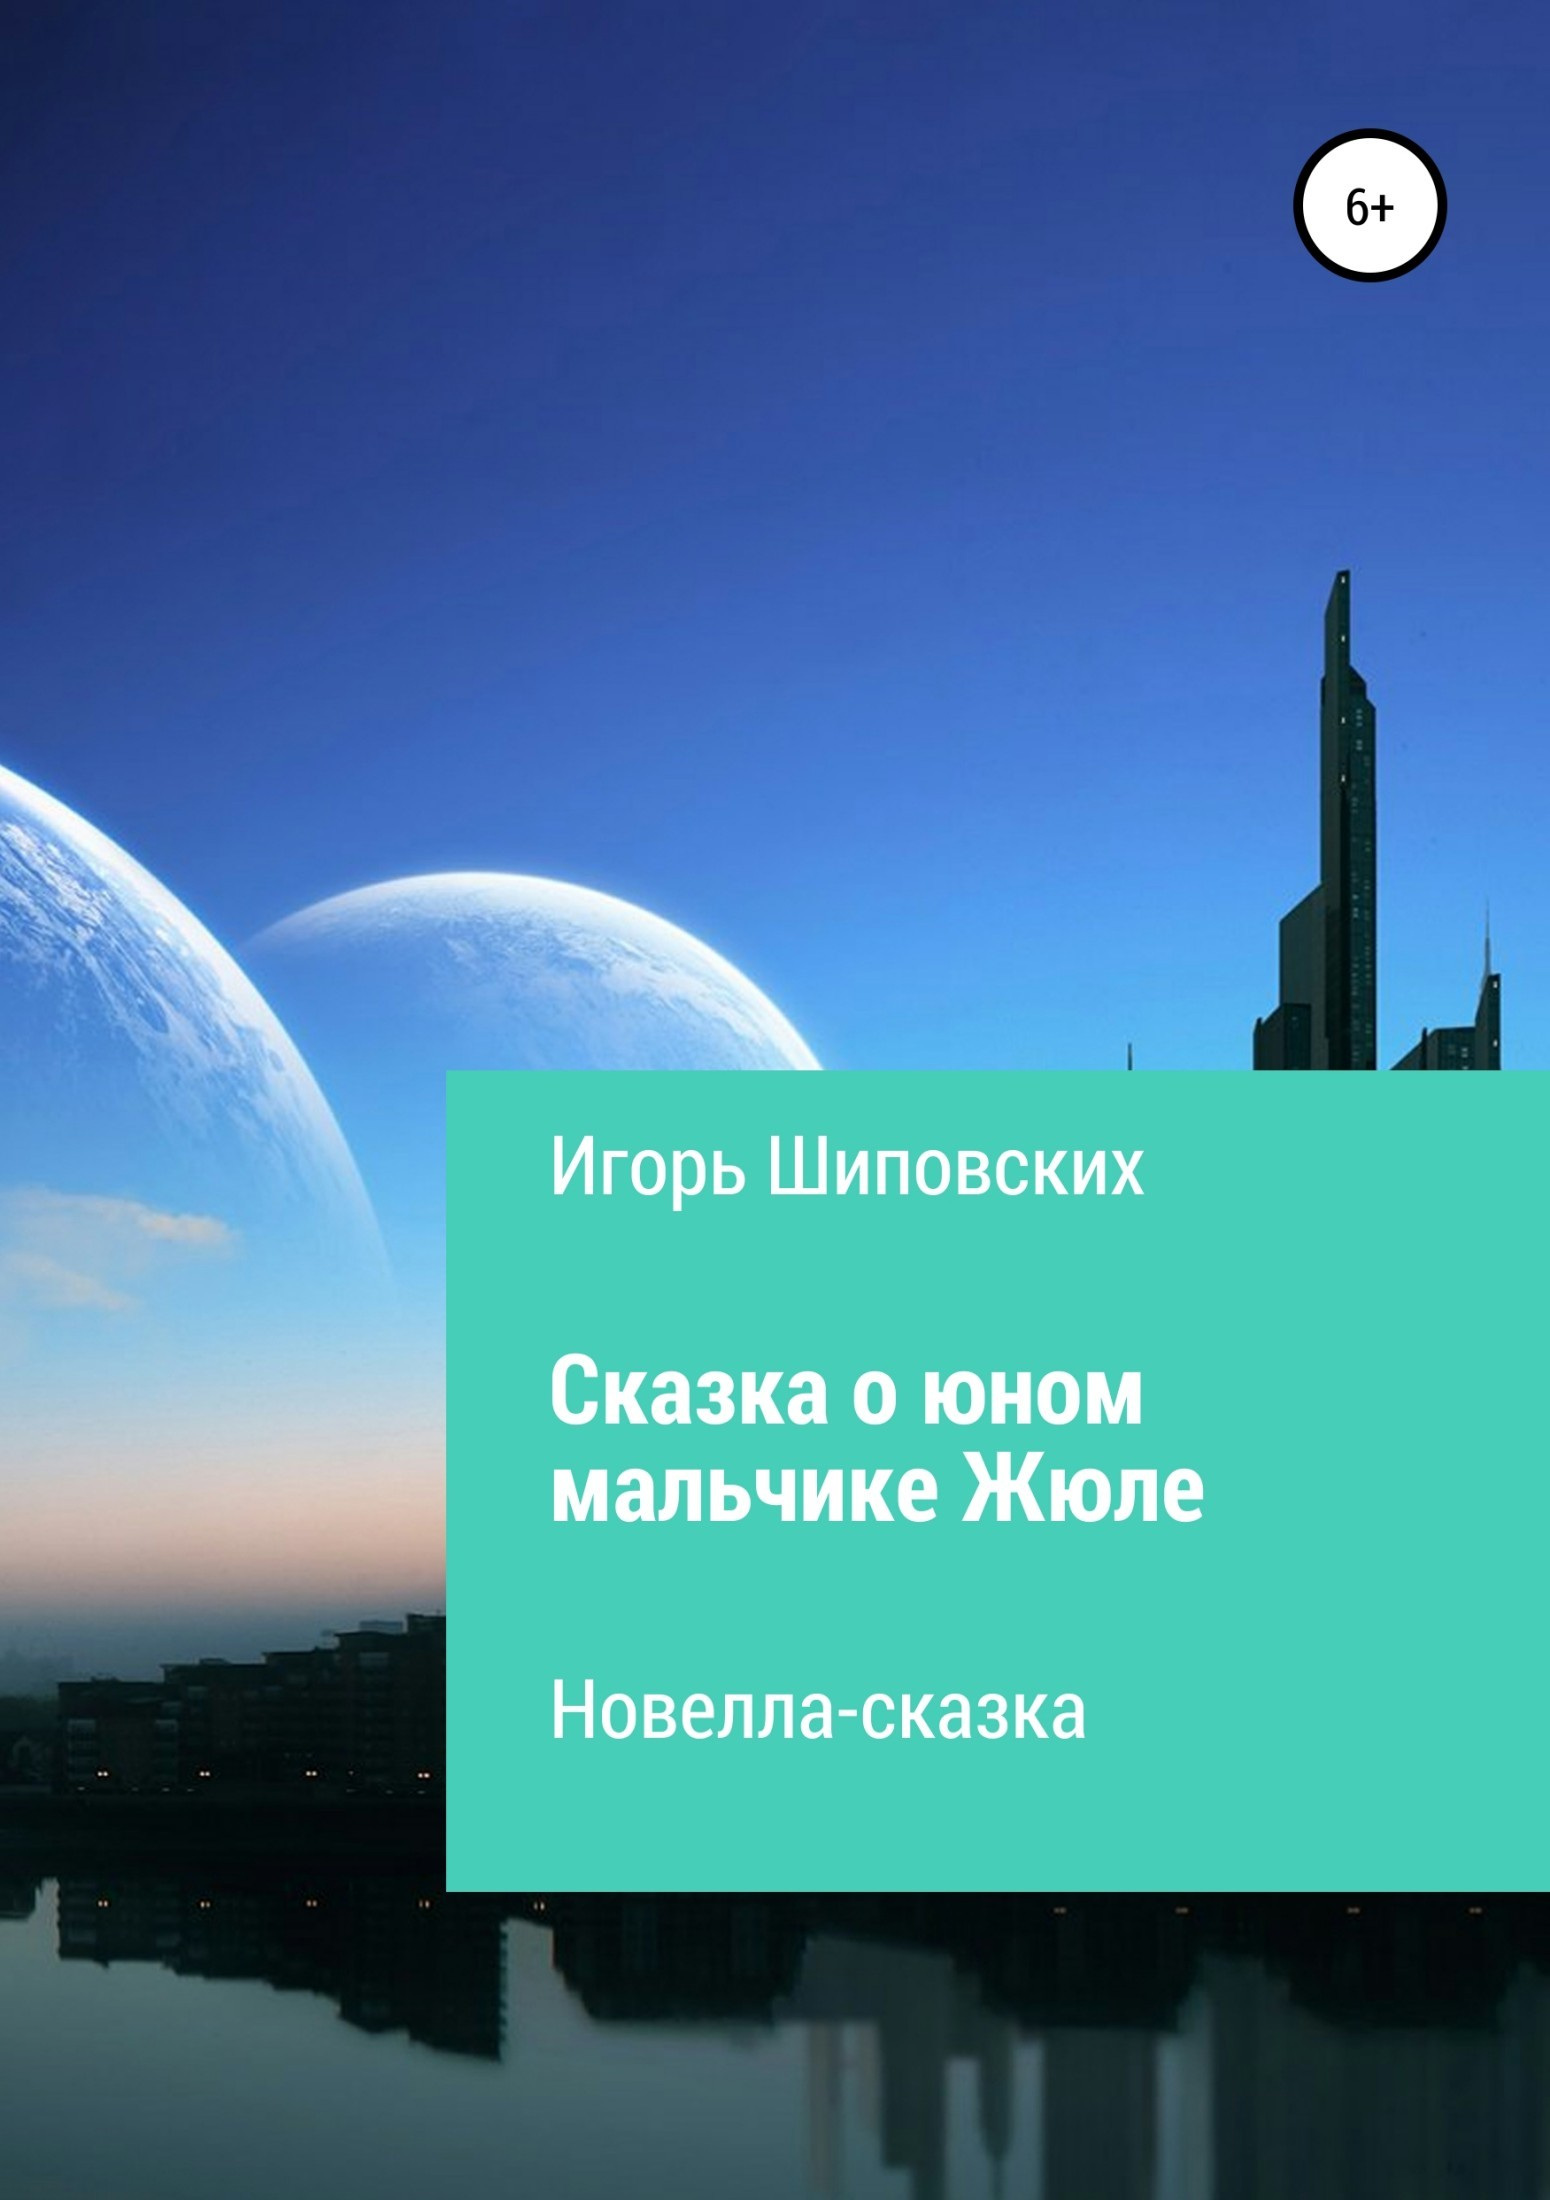 Игорь Шиповских - Сказка о юном мальчике Жюле